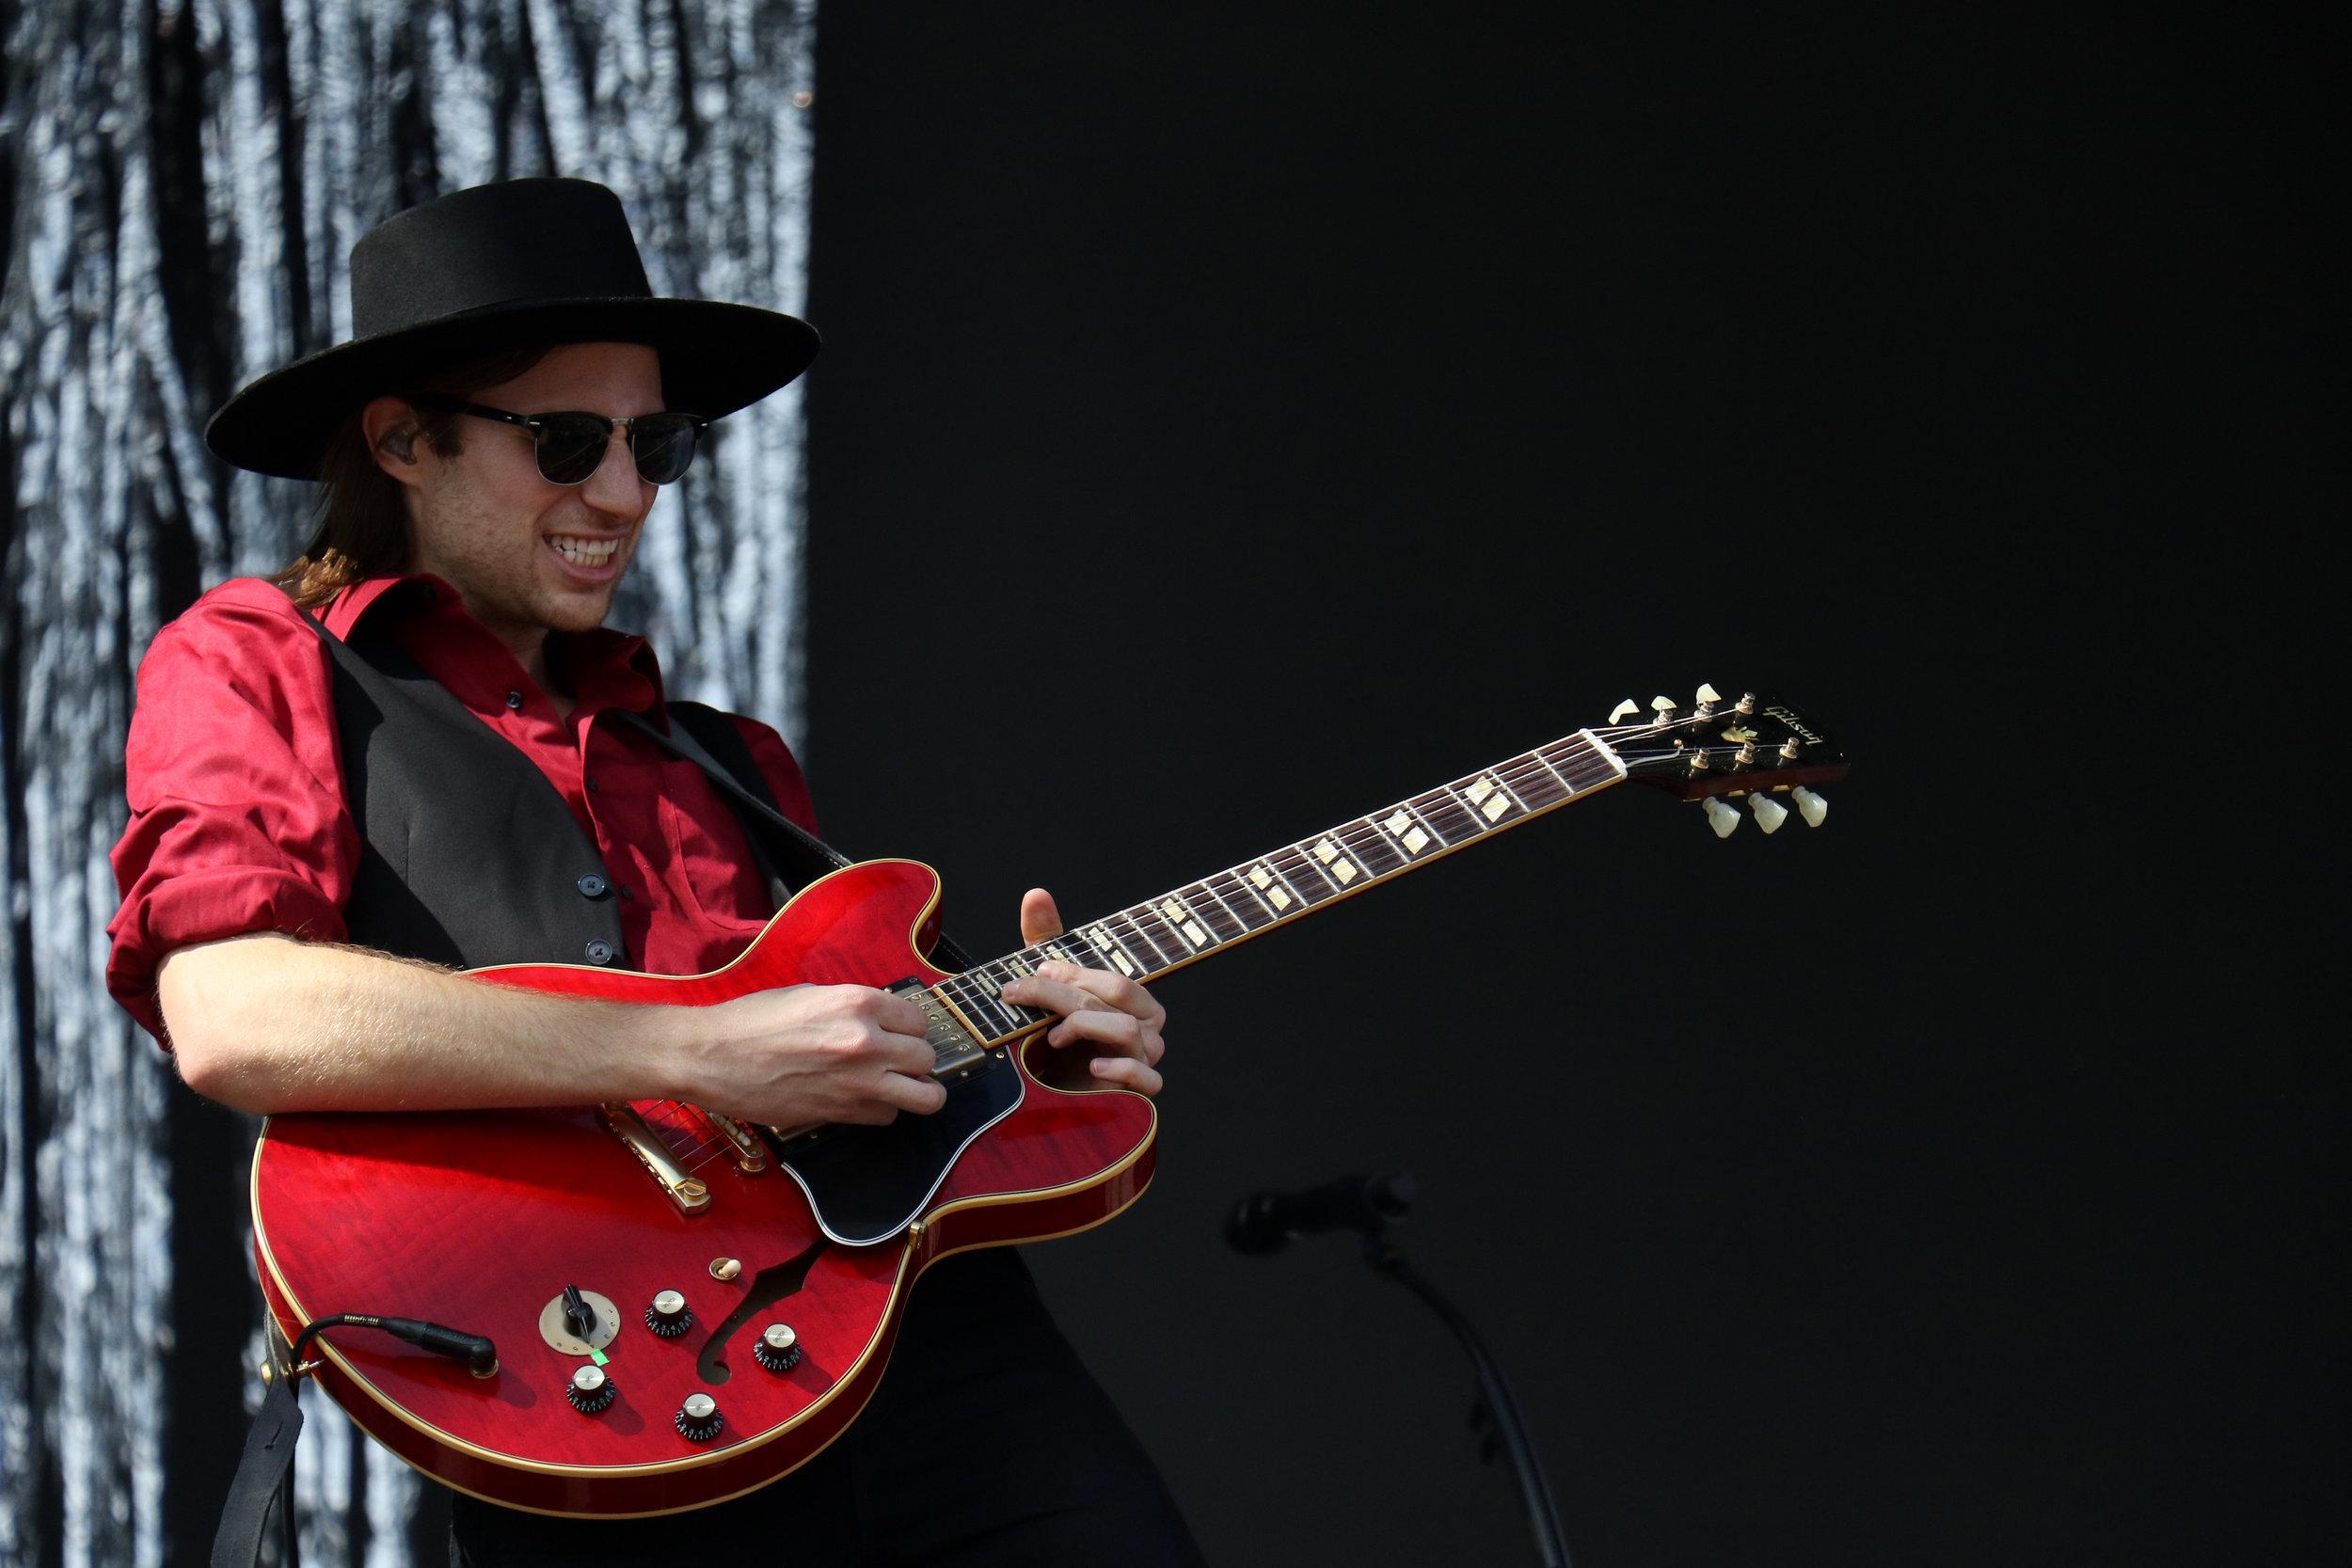 A/J Jackson, frontman of Saint Motel, takes a guitar solo.